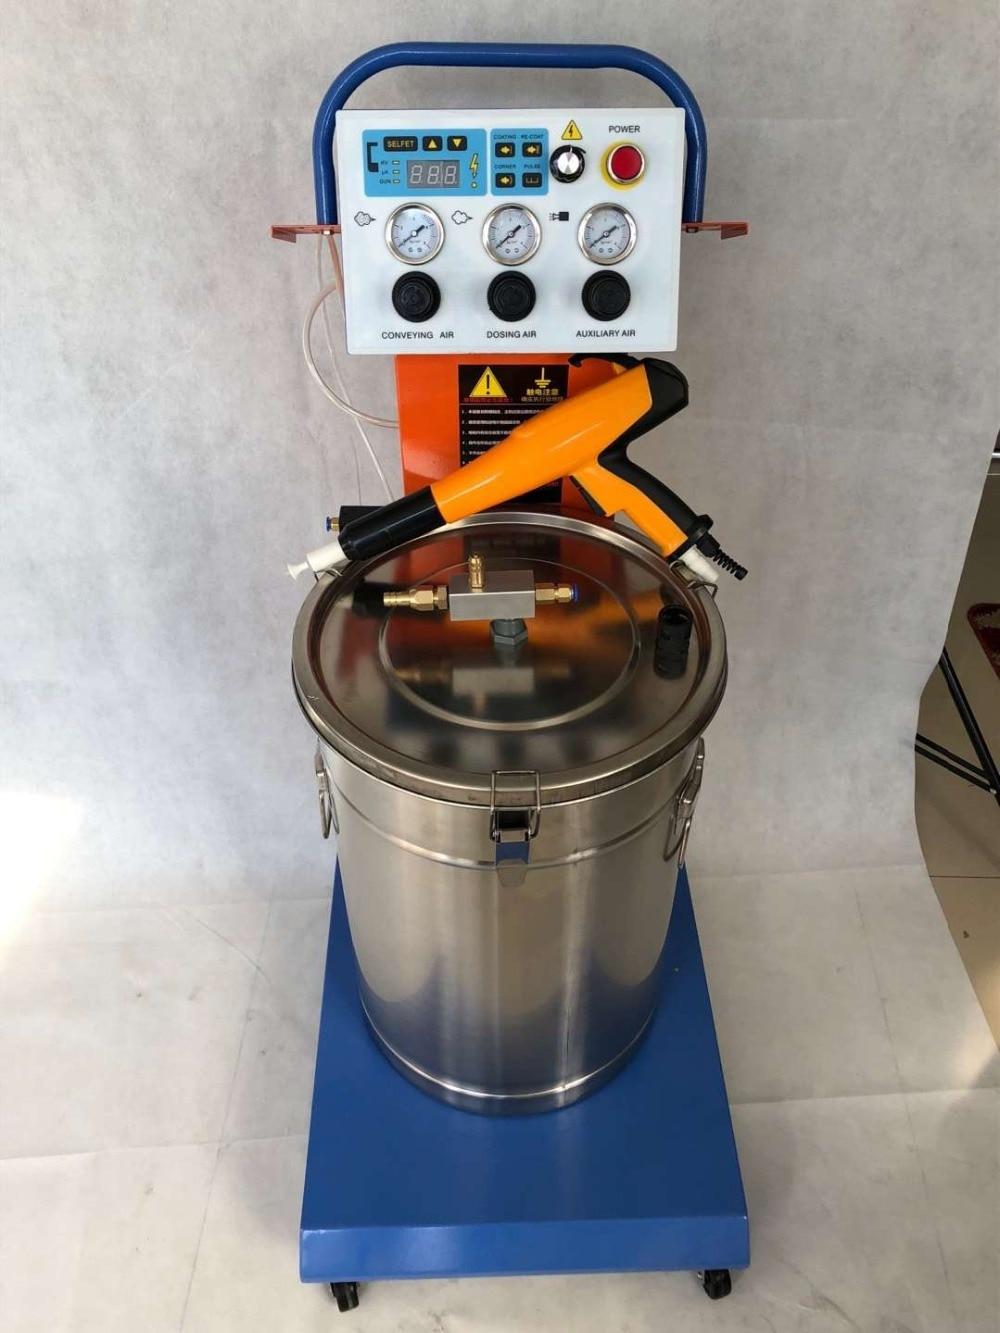 مجموعة كاملة مسحوق رذاذ كهرباء ساكنة آلة ماكينة طلاء بالمسحوق